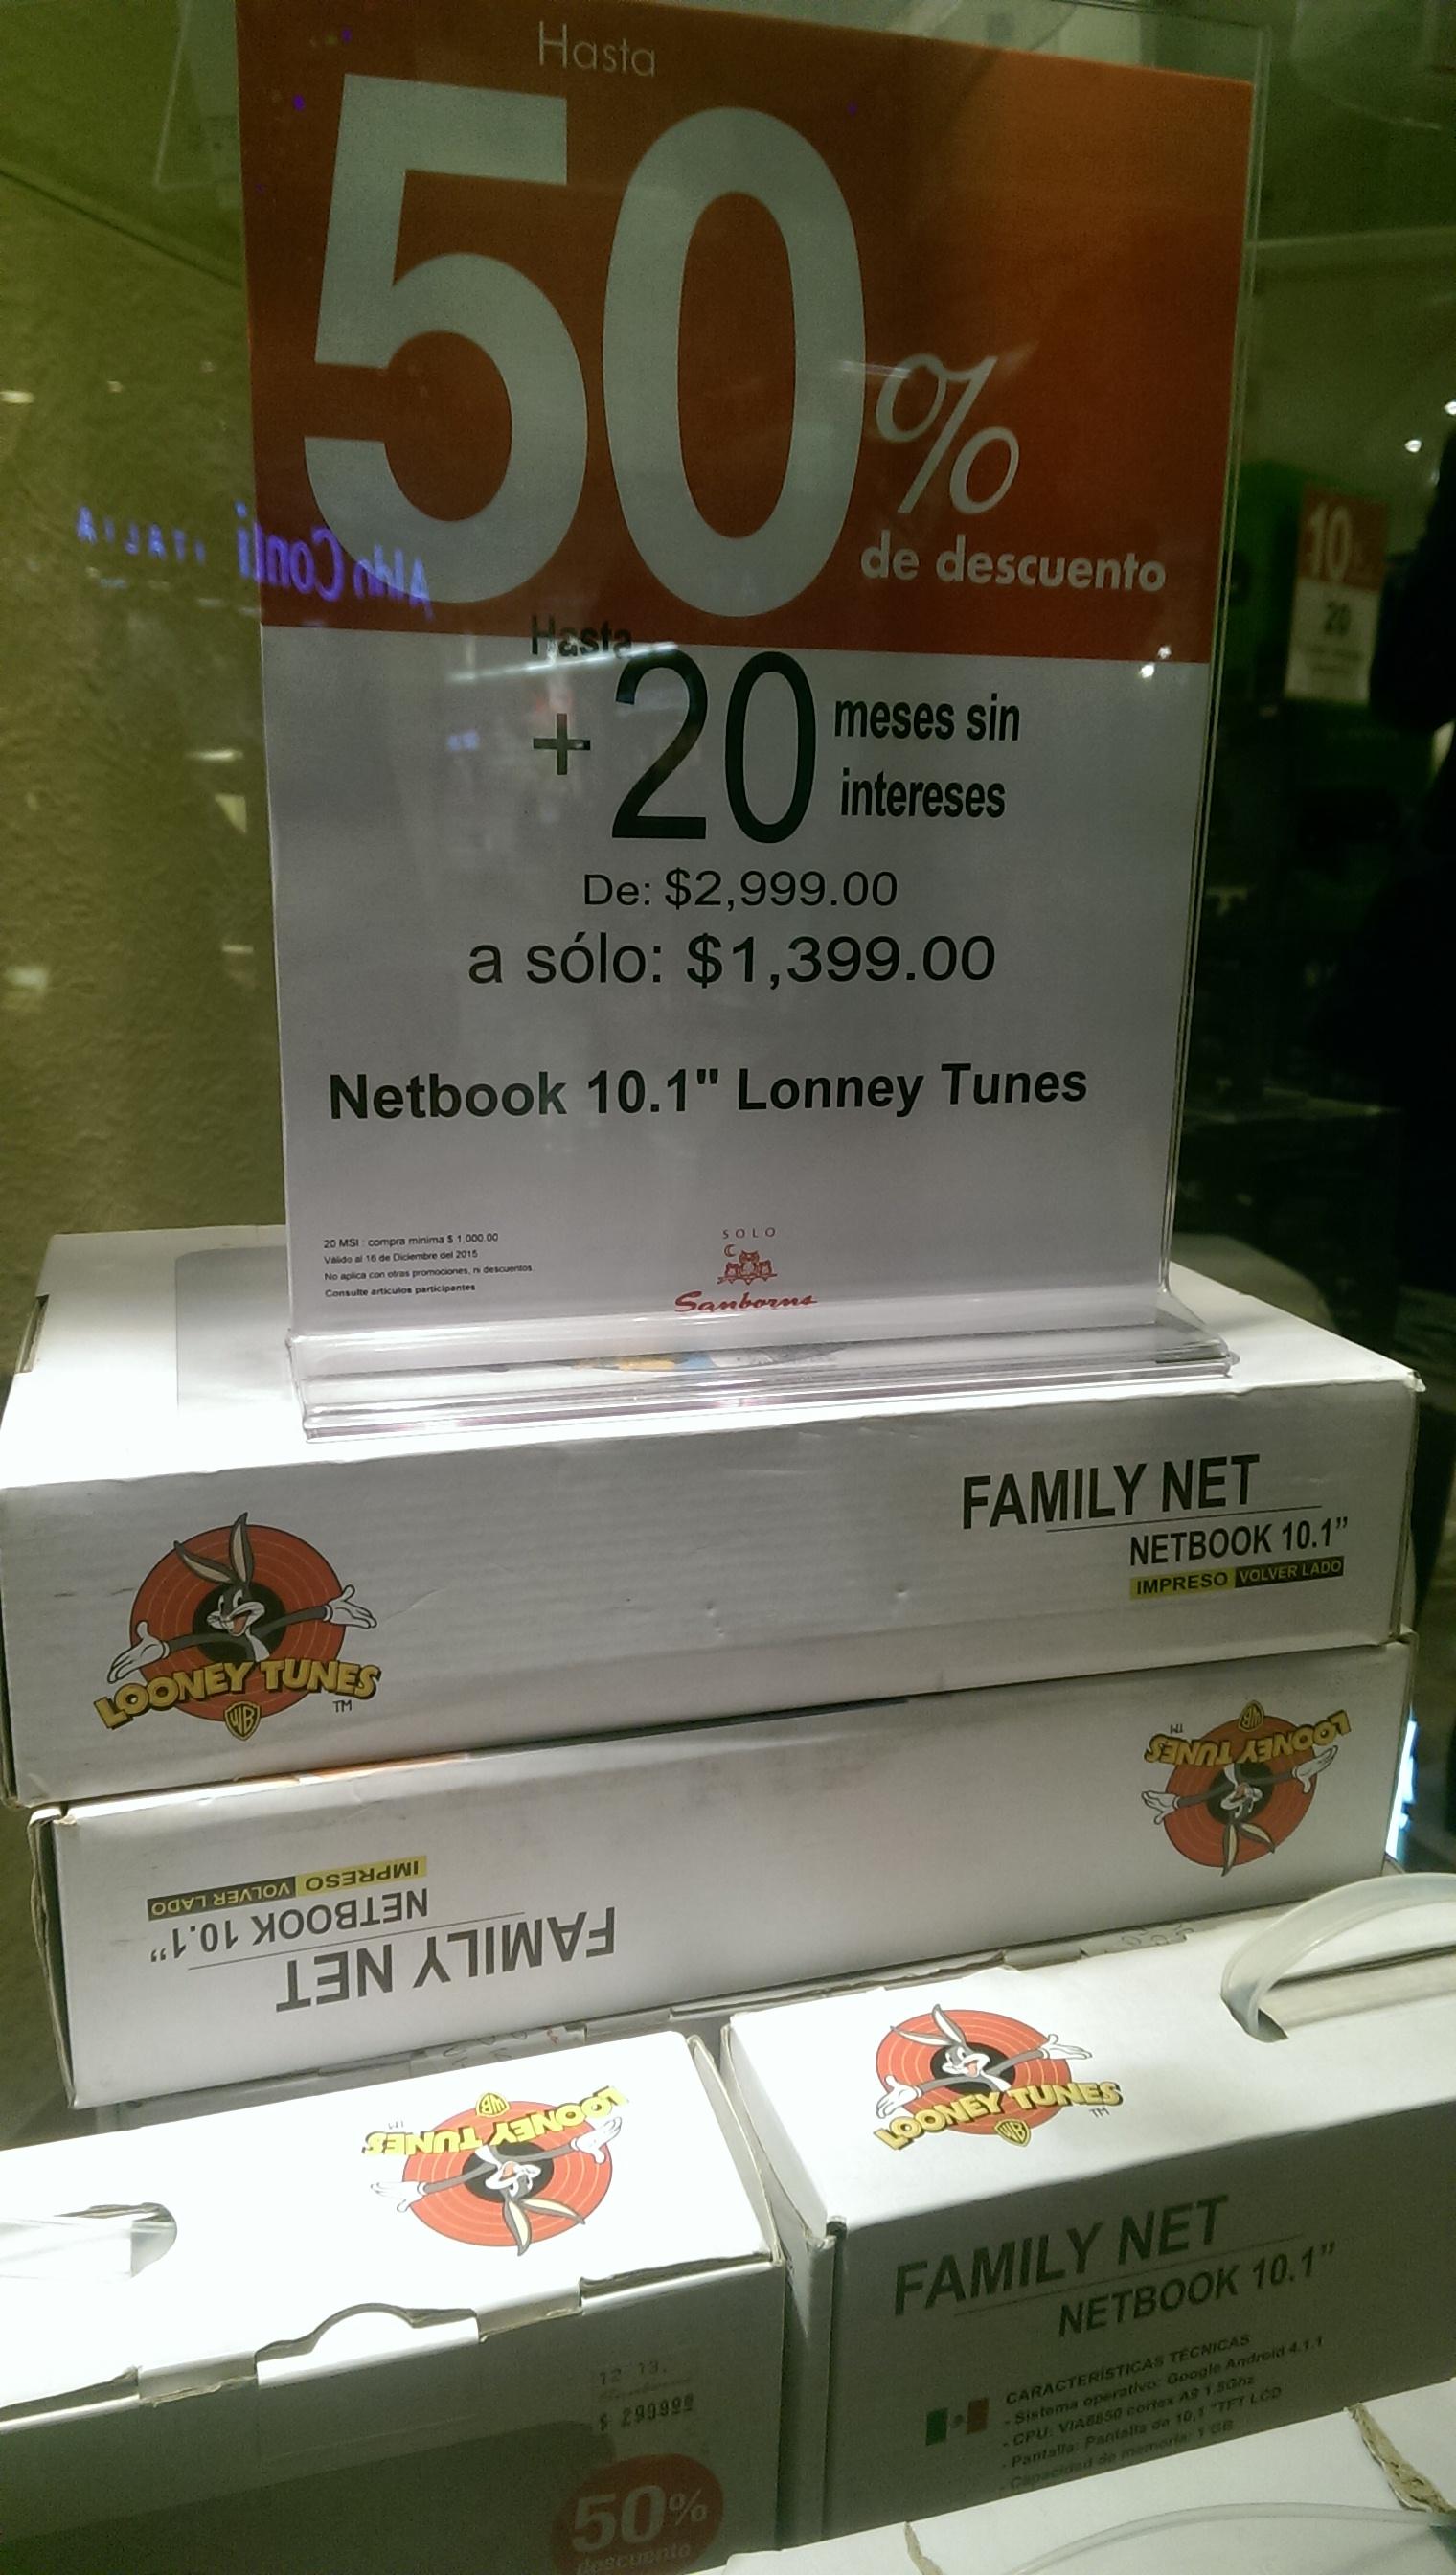 """Sanborns: Netbook 10.1"""" Looney Tunes de $2,999 a $1259 por internet y $1,399 en tienda"""